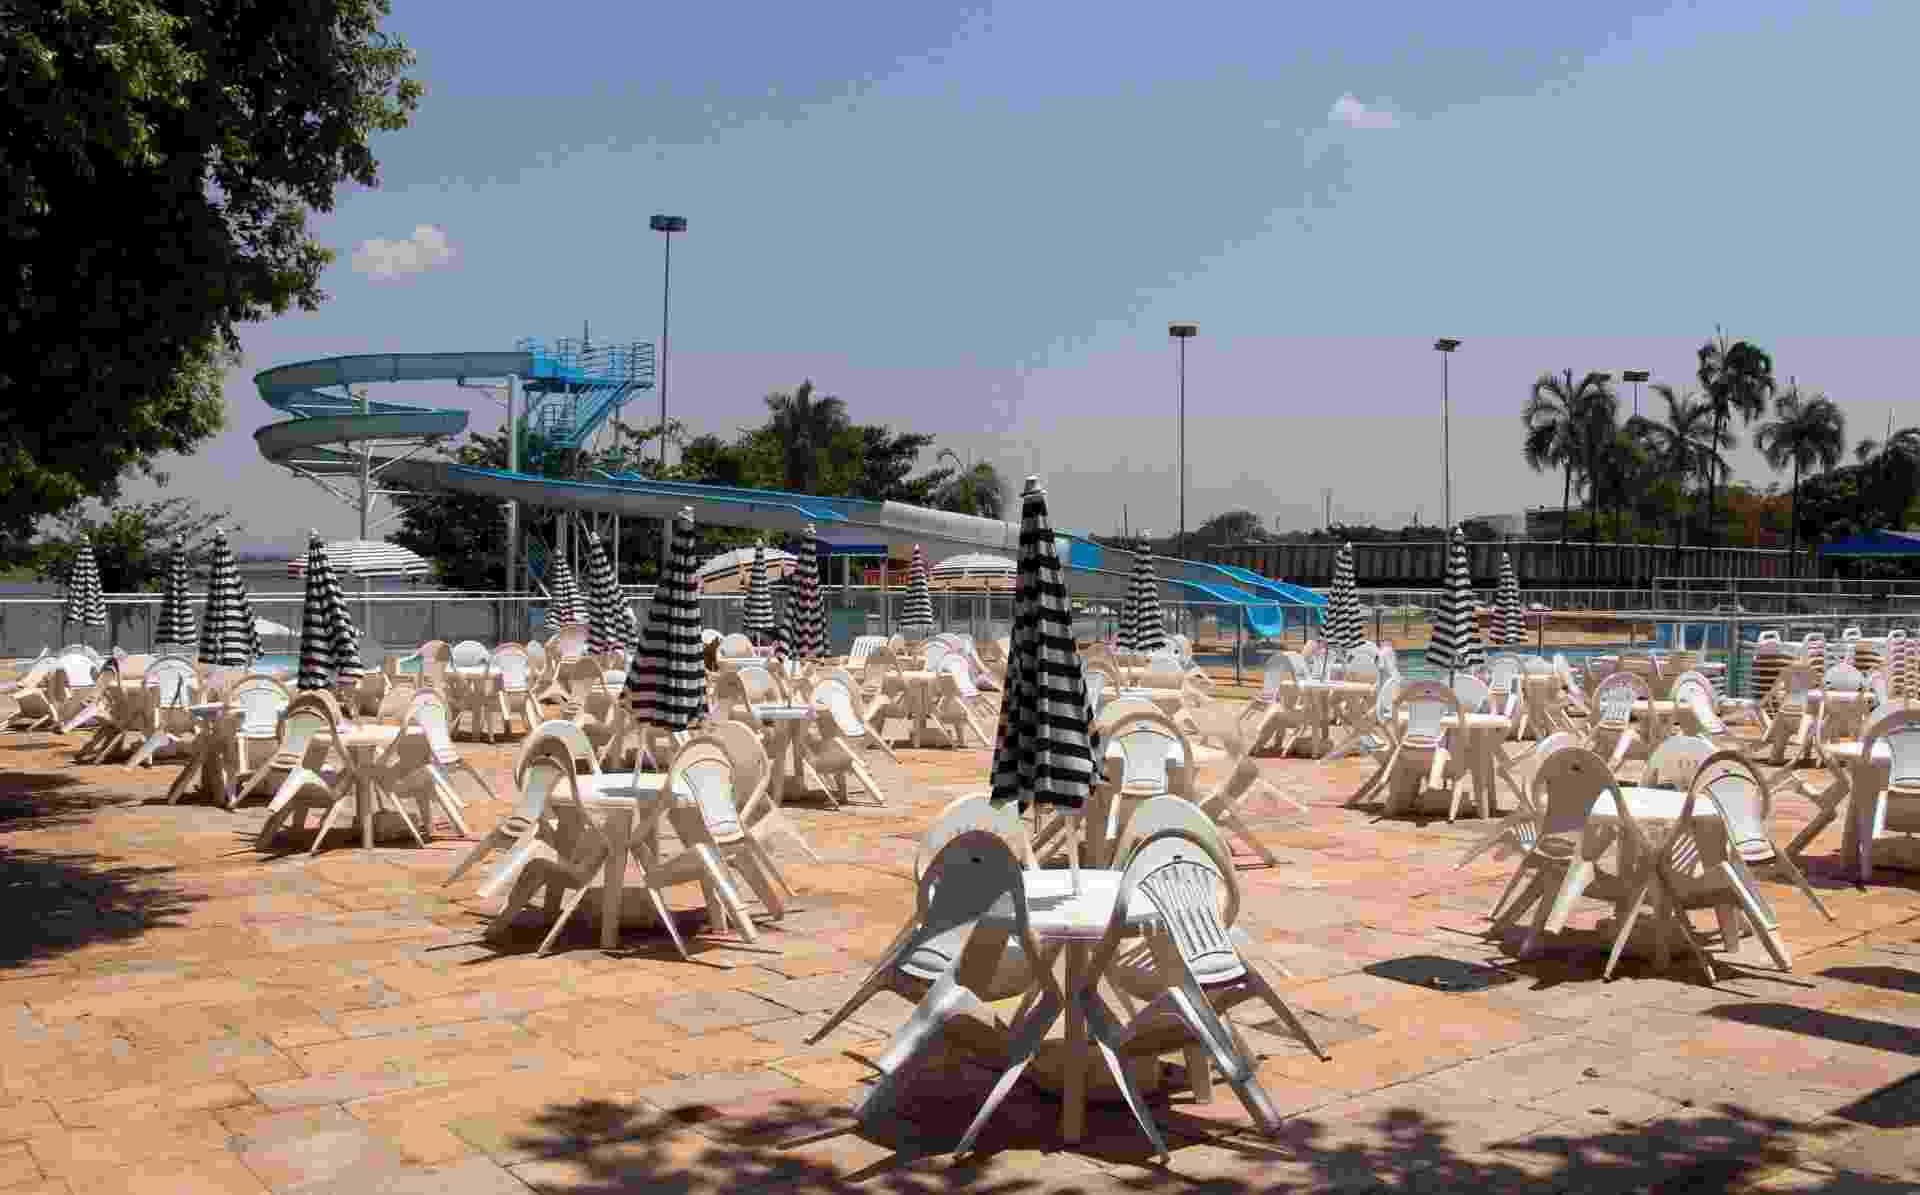 Clube da Asbac (Associação dos Servidores do Banco Central de Brasília) - Kleyton Amorim/UOL